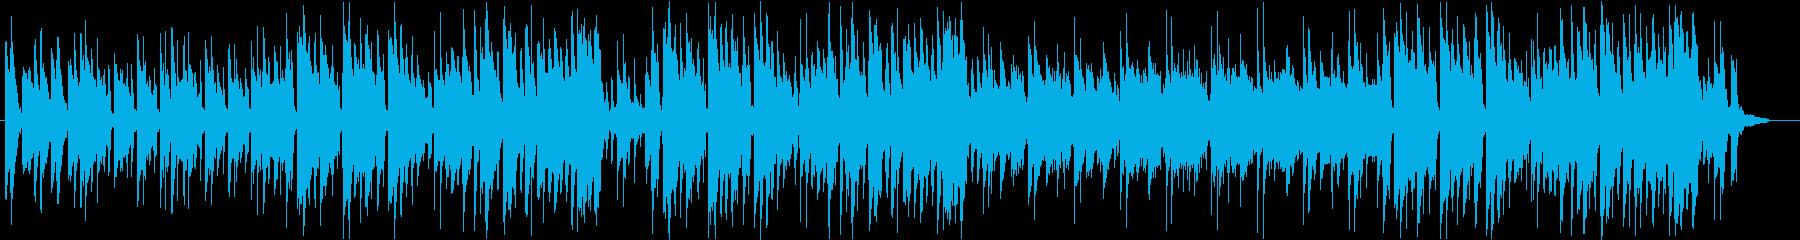 軽快でわくわくする可愛らしいポップスの再生済みの波形